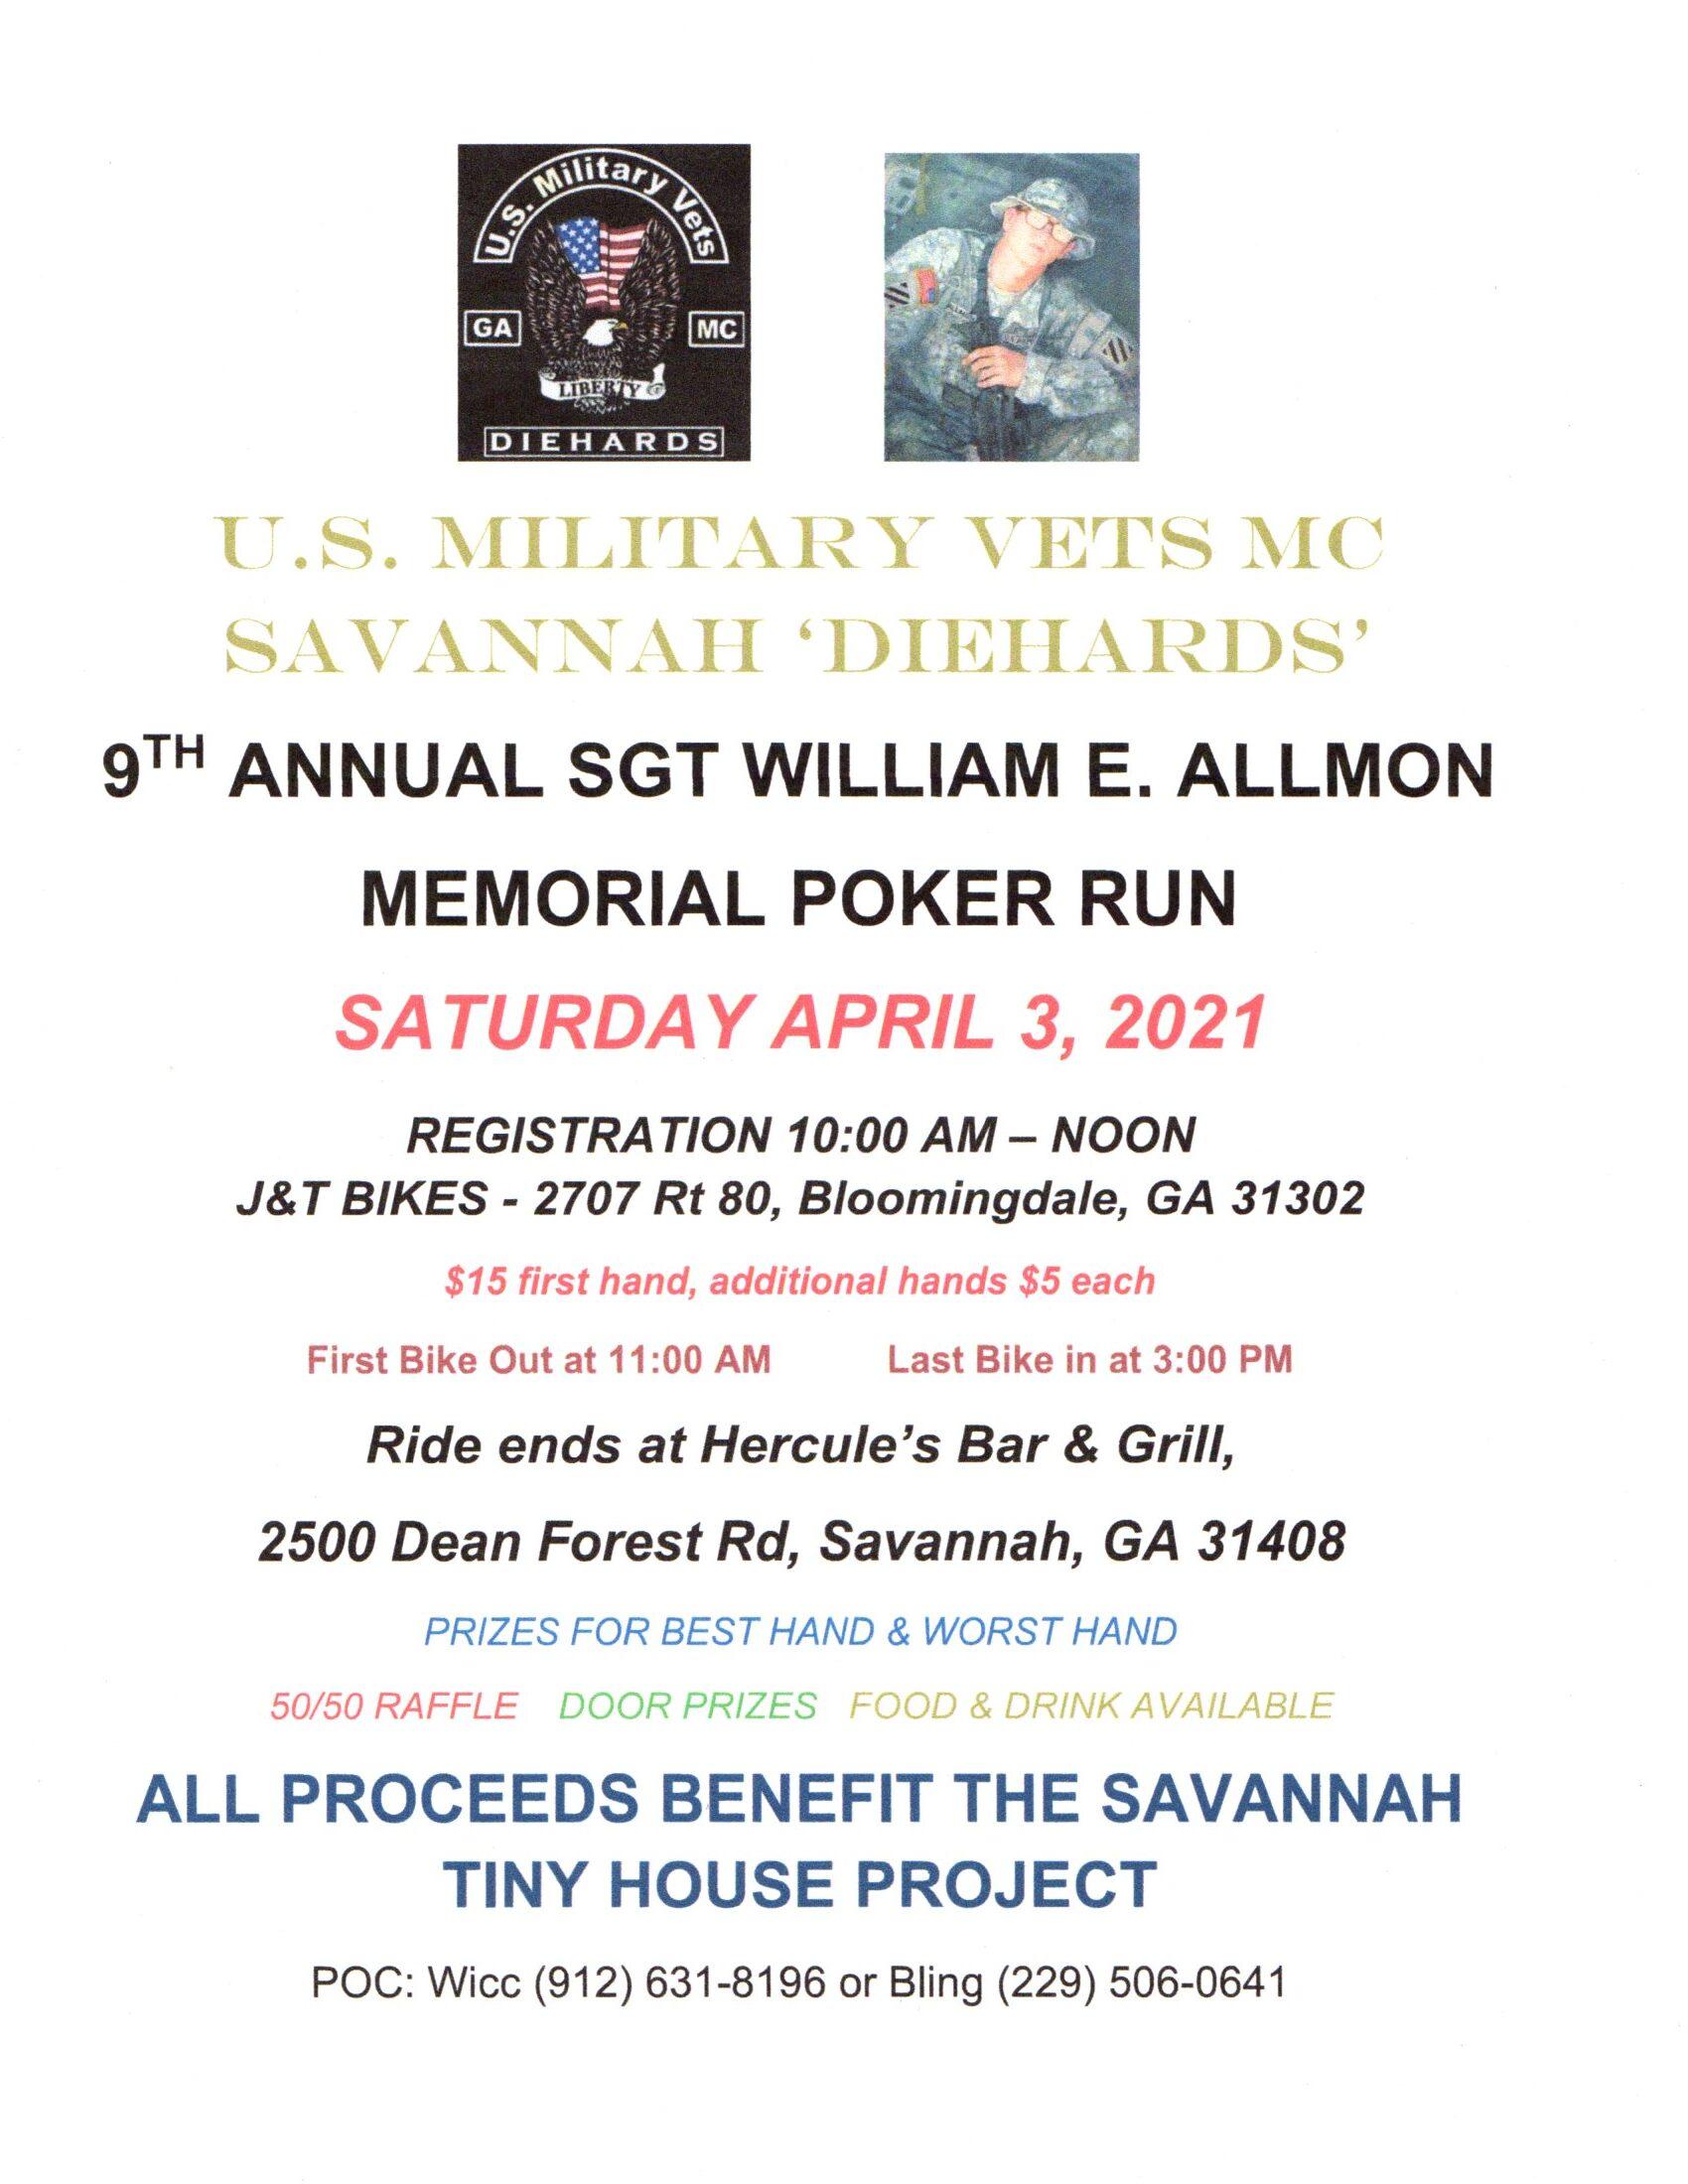 USMVMC SAVANNAH DIEHARDS - 9th Annual Sgt. William E. Allmon Memorial Poker Run @ J&T Bikes | Bloomingdale | Georgia | United States